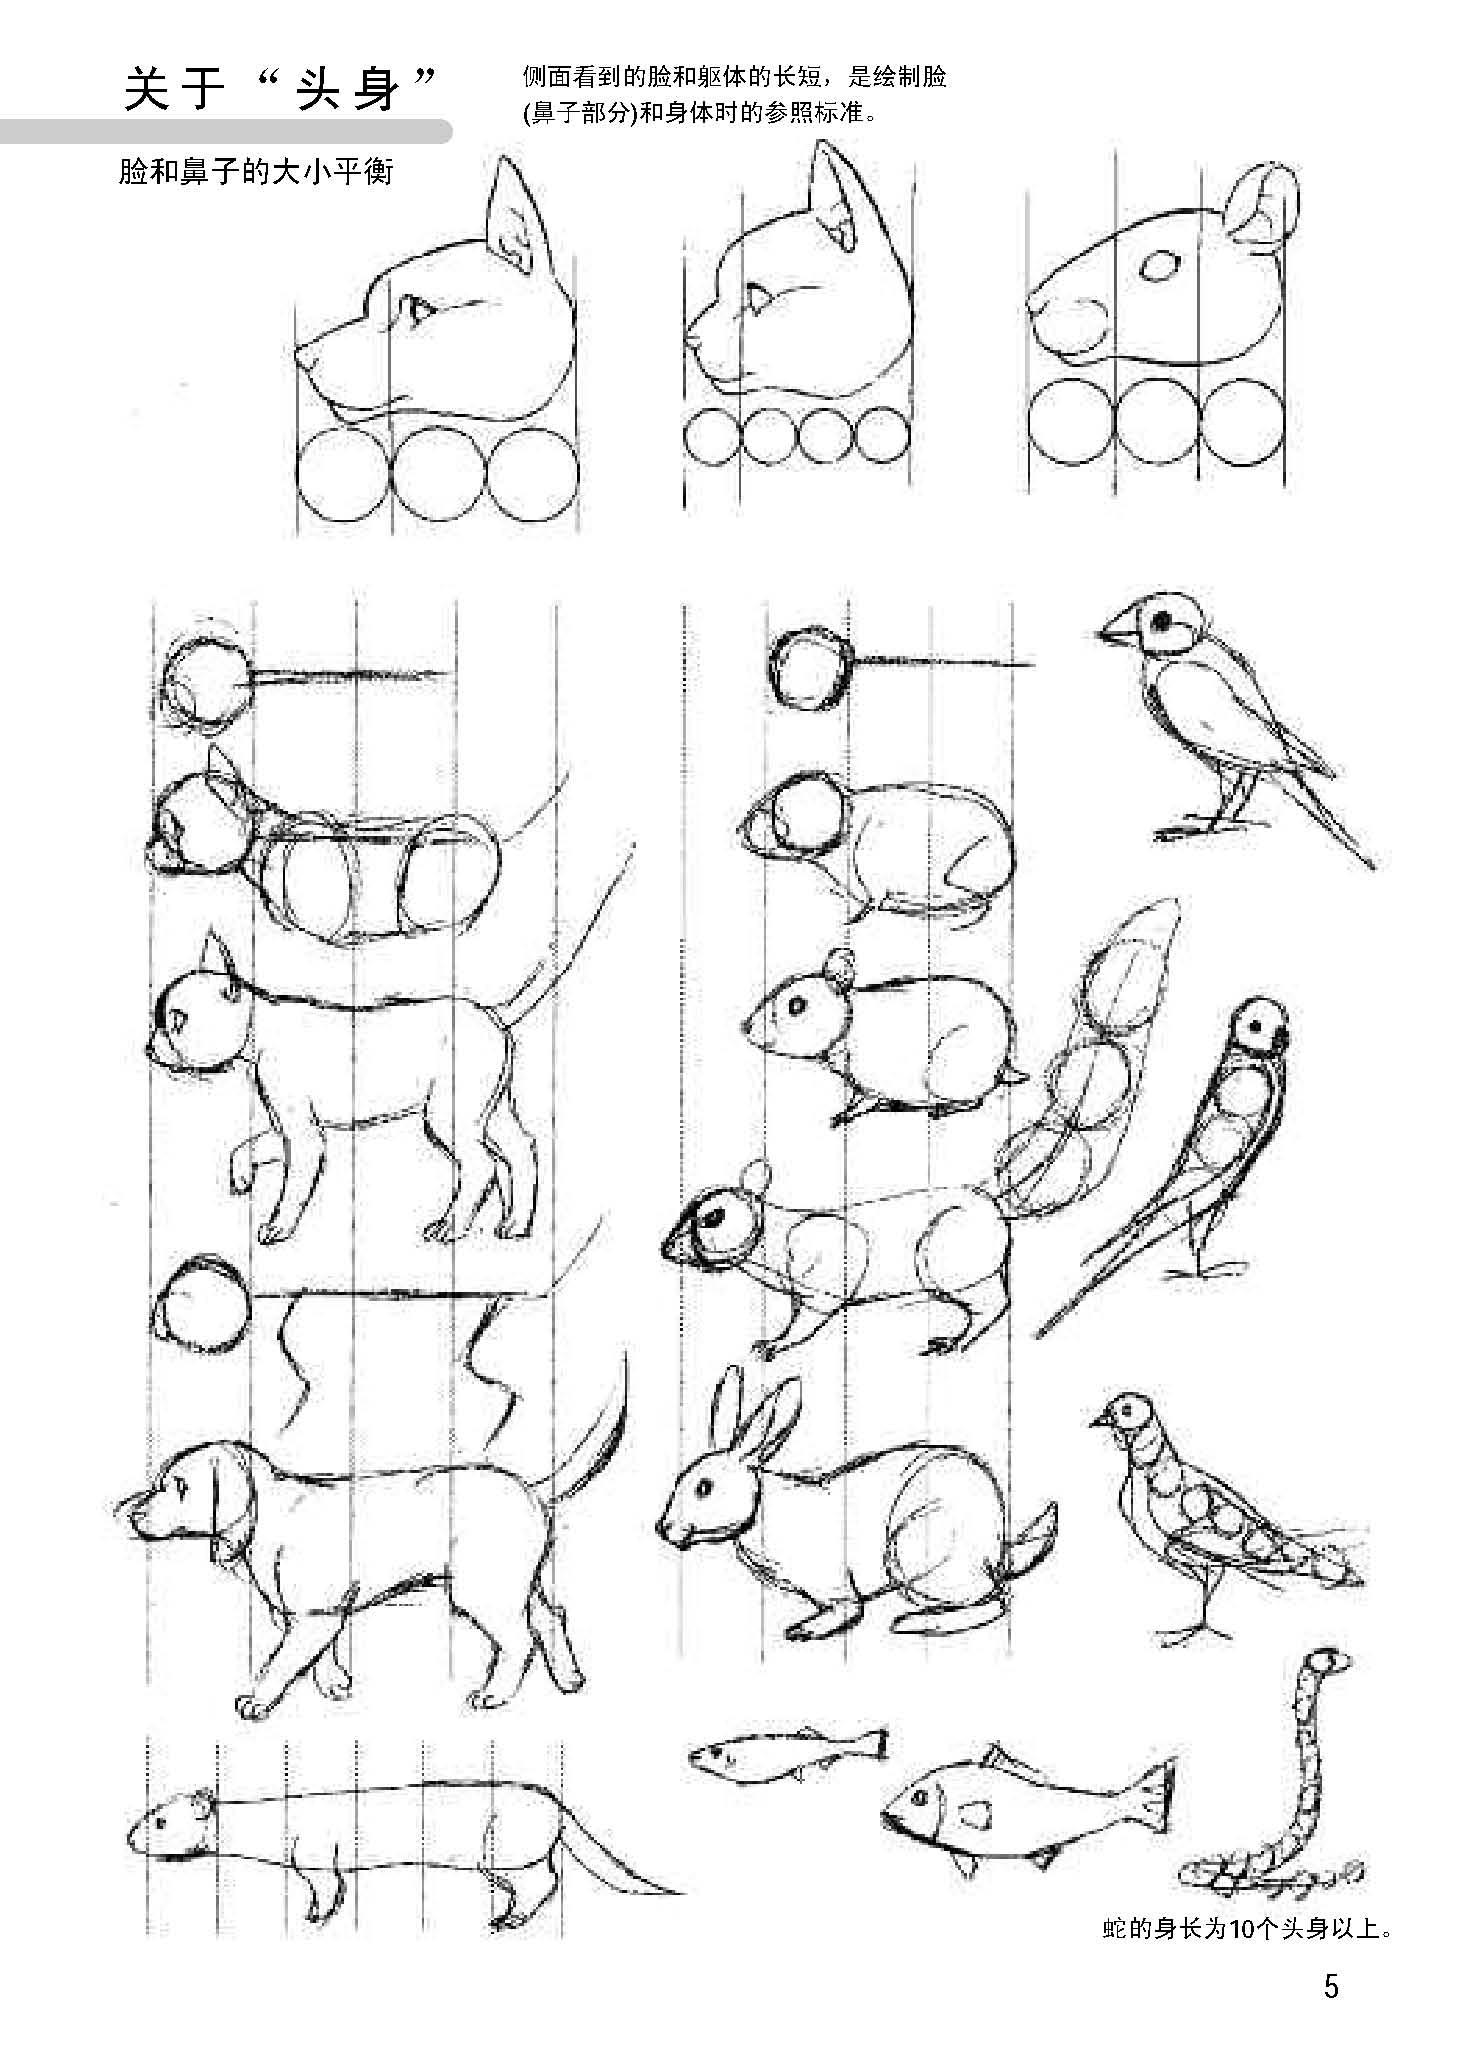 其实动物并不难画,只要掌握动物的基本身体结构和动态方式,简简单单的